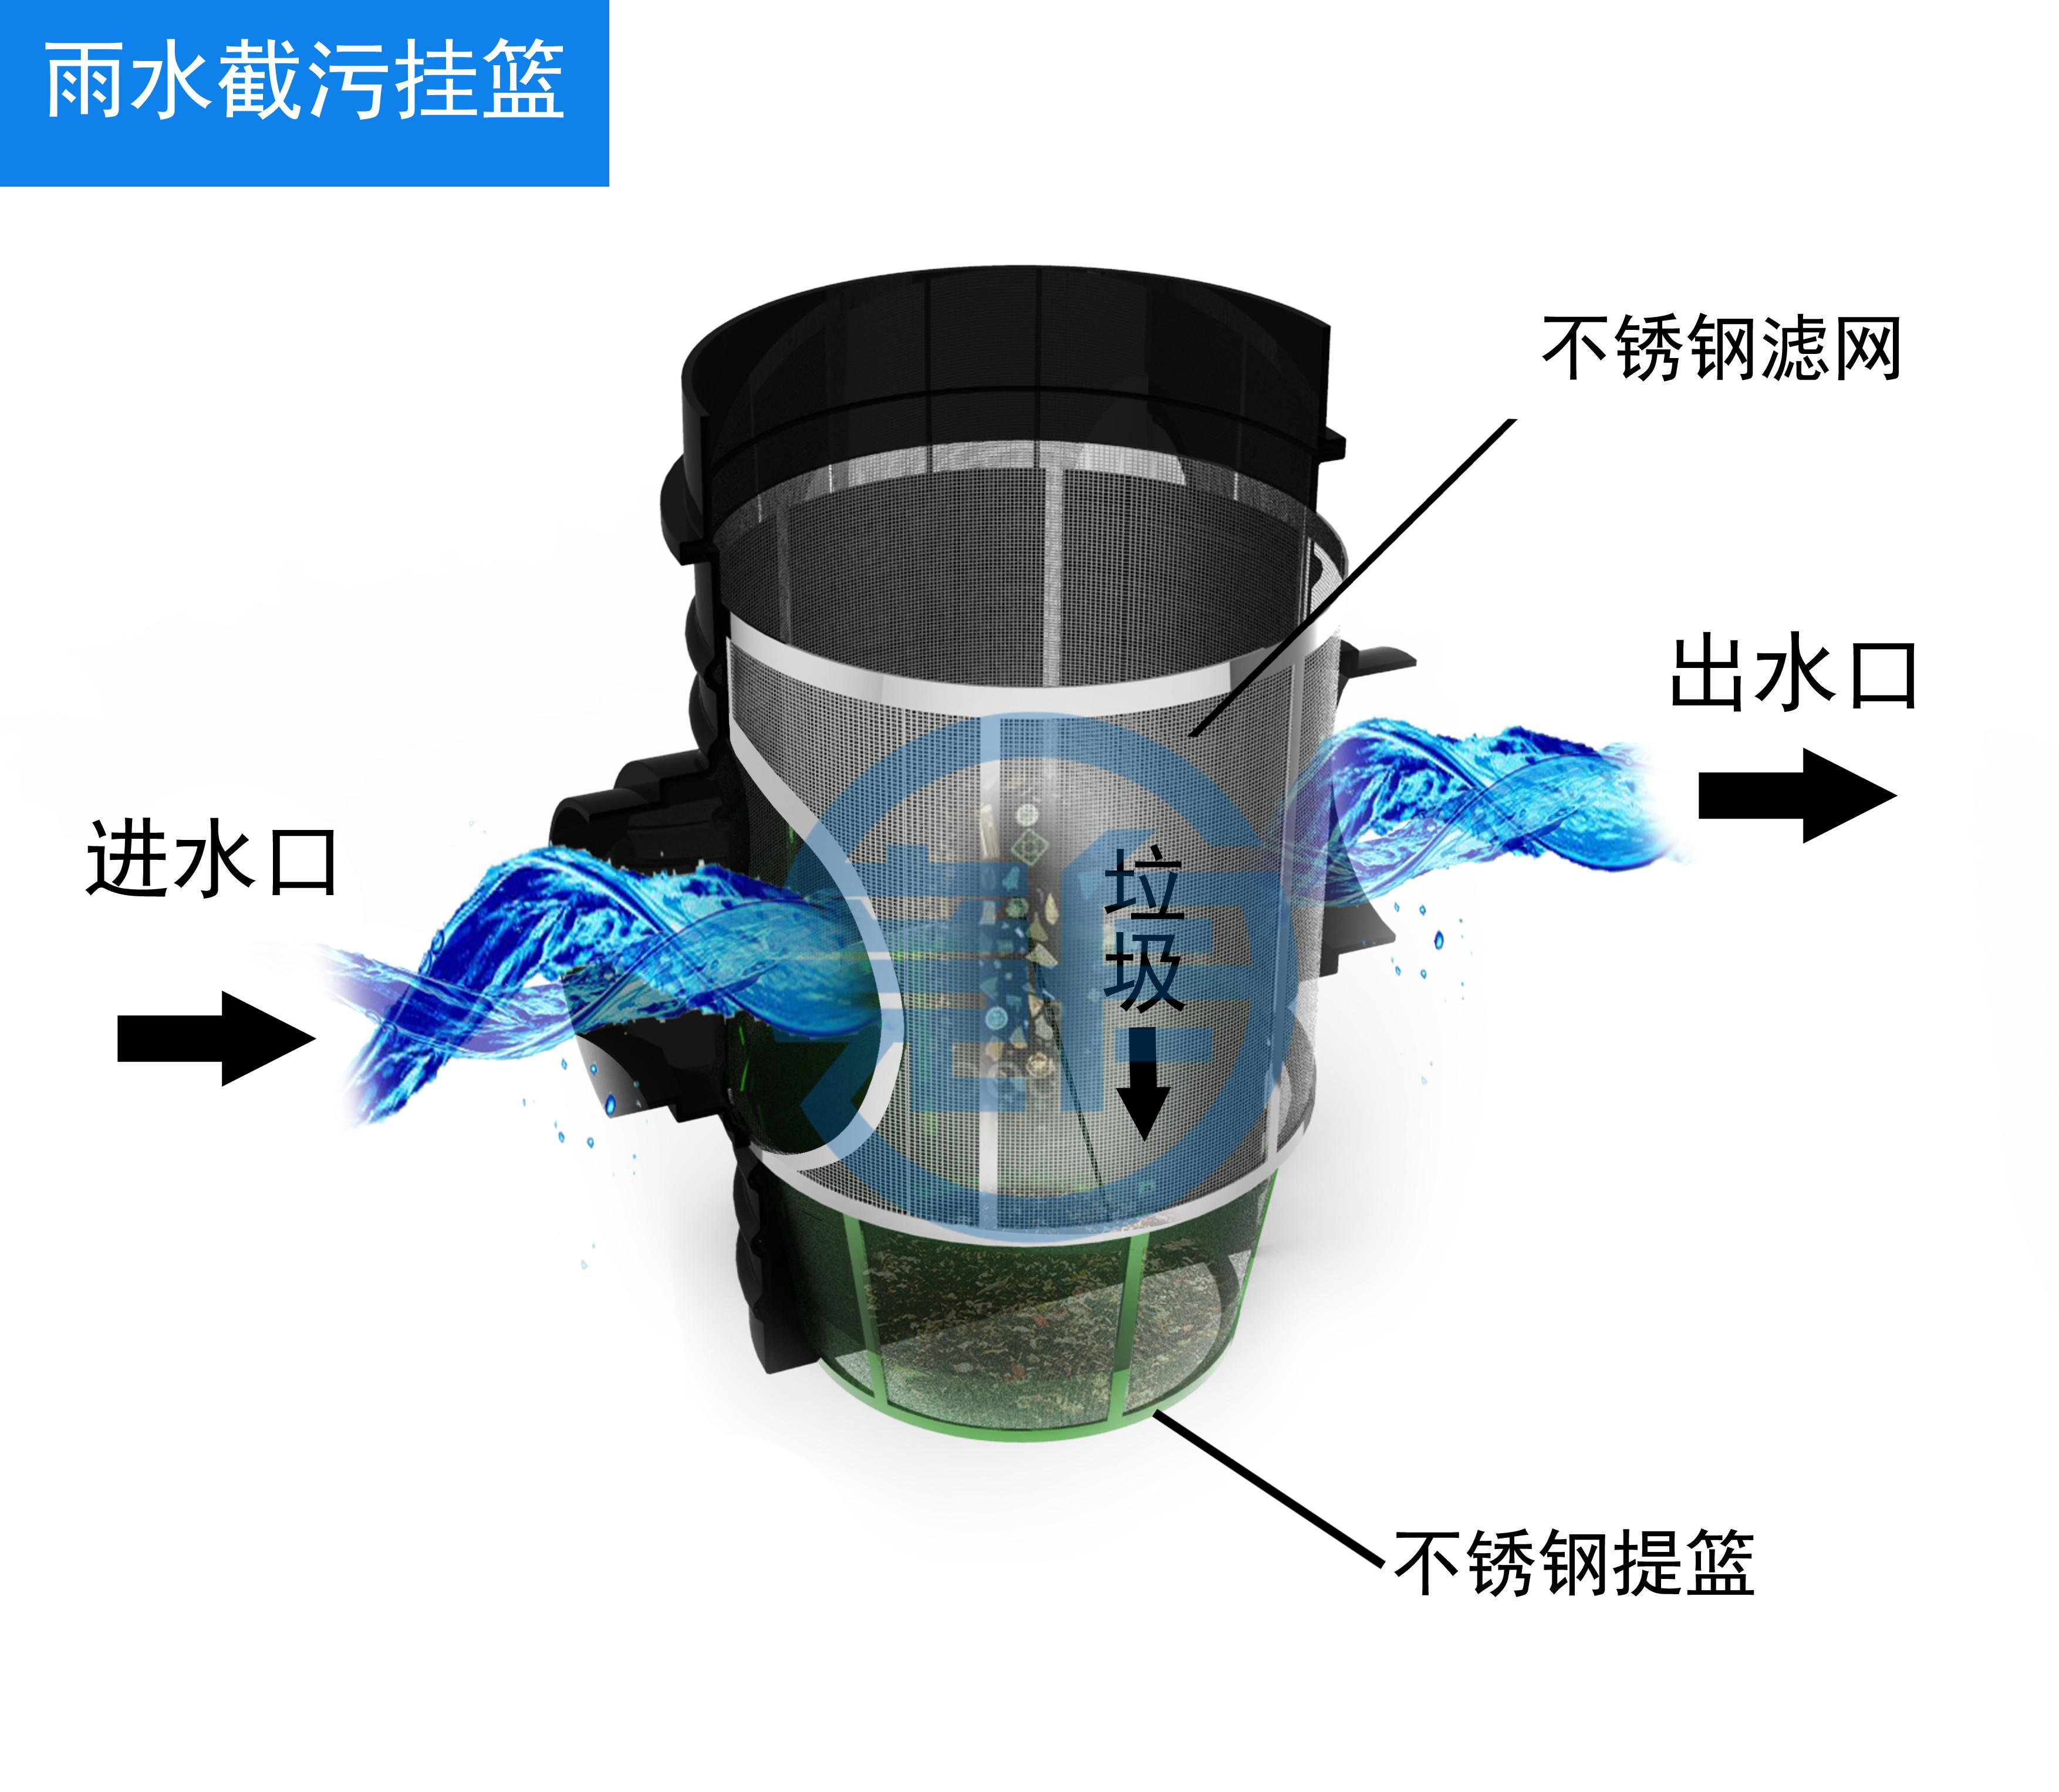 雨水截污挂篮 拦截雨水里大垃圾